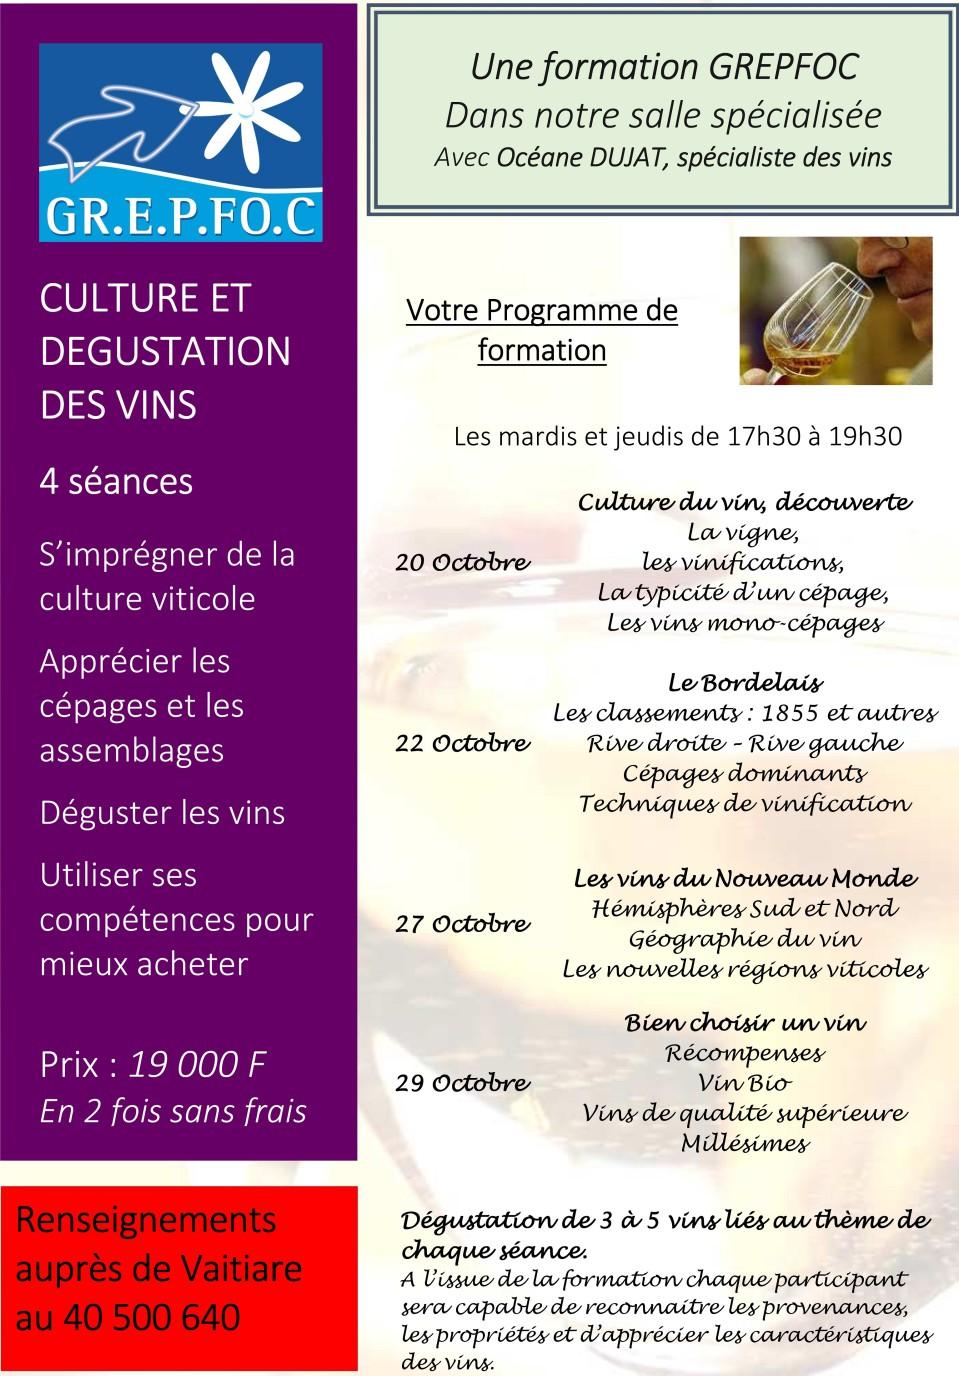 Culture et d gustation des vins - Referentiel cap cuisine ...